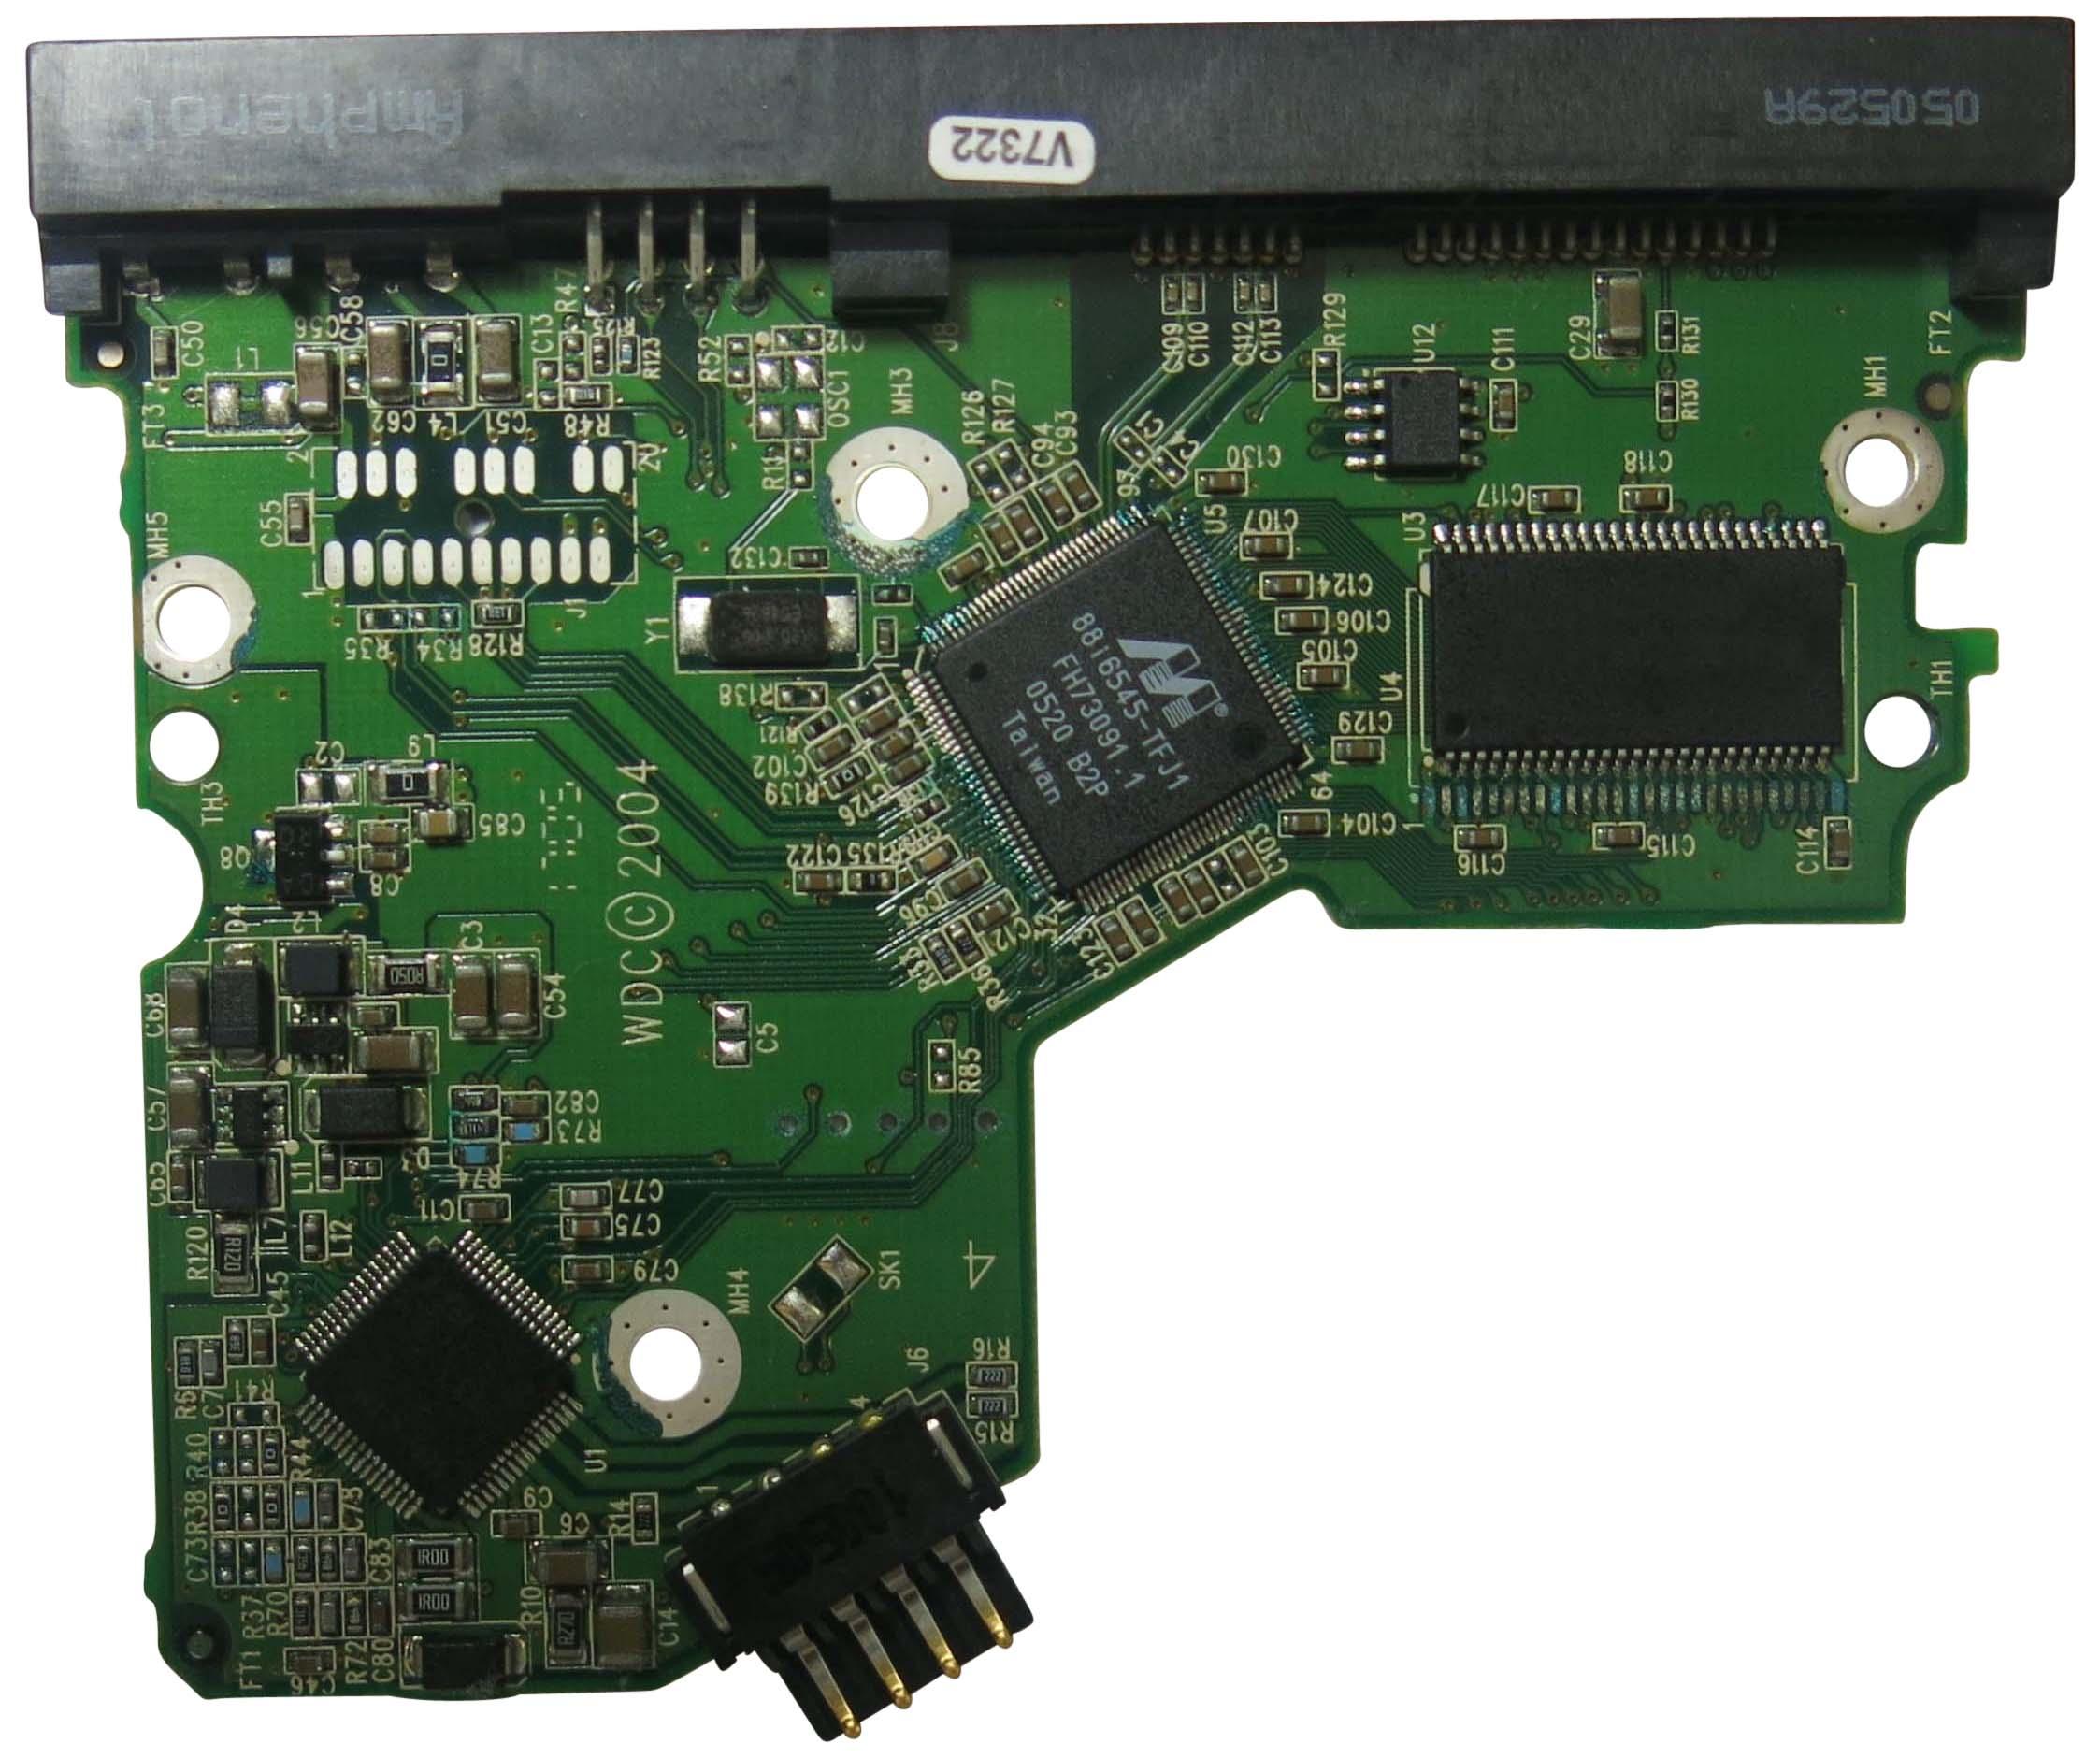 Western Digital WD400BD-75lra0 dell 0c9678 40gb sata hdd 7200rpm?